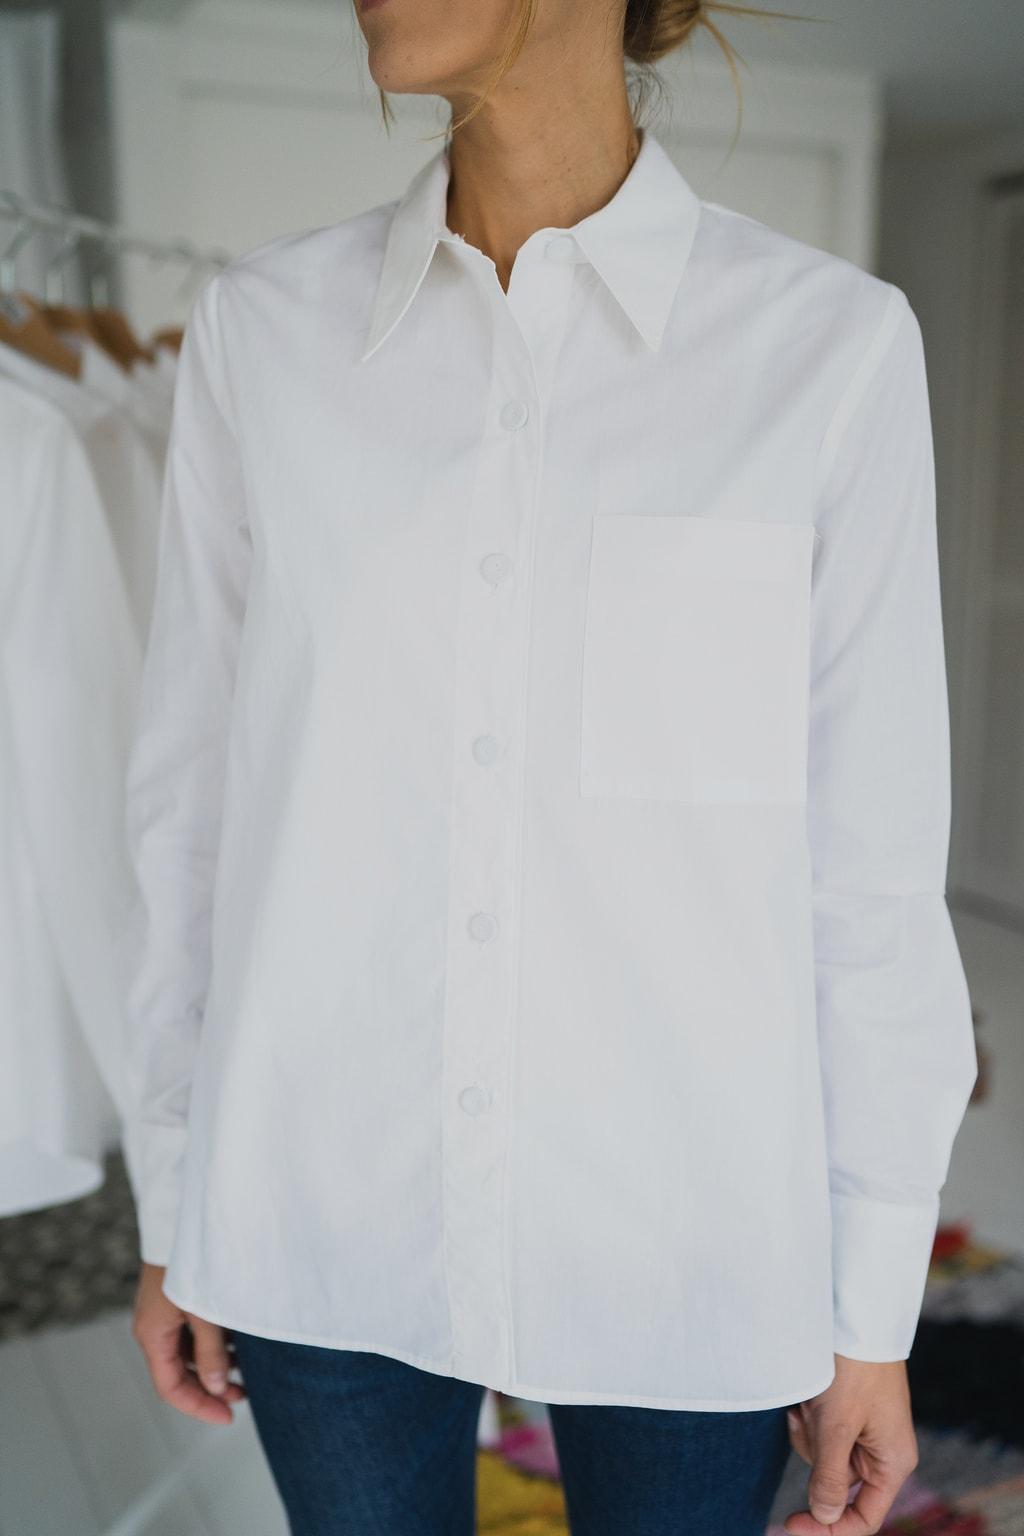 d3ae7601d18ae Trouver la chemise blanche idéale : 8 marques au banc d'essai - Le ...